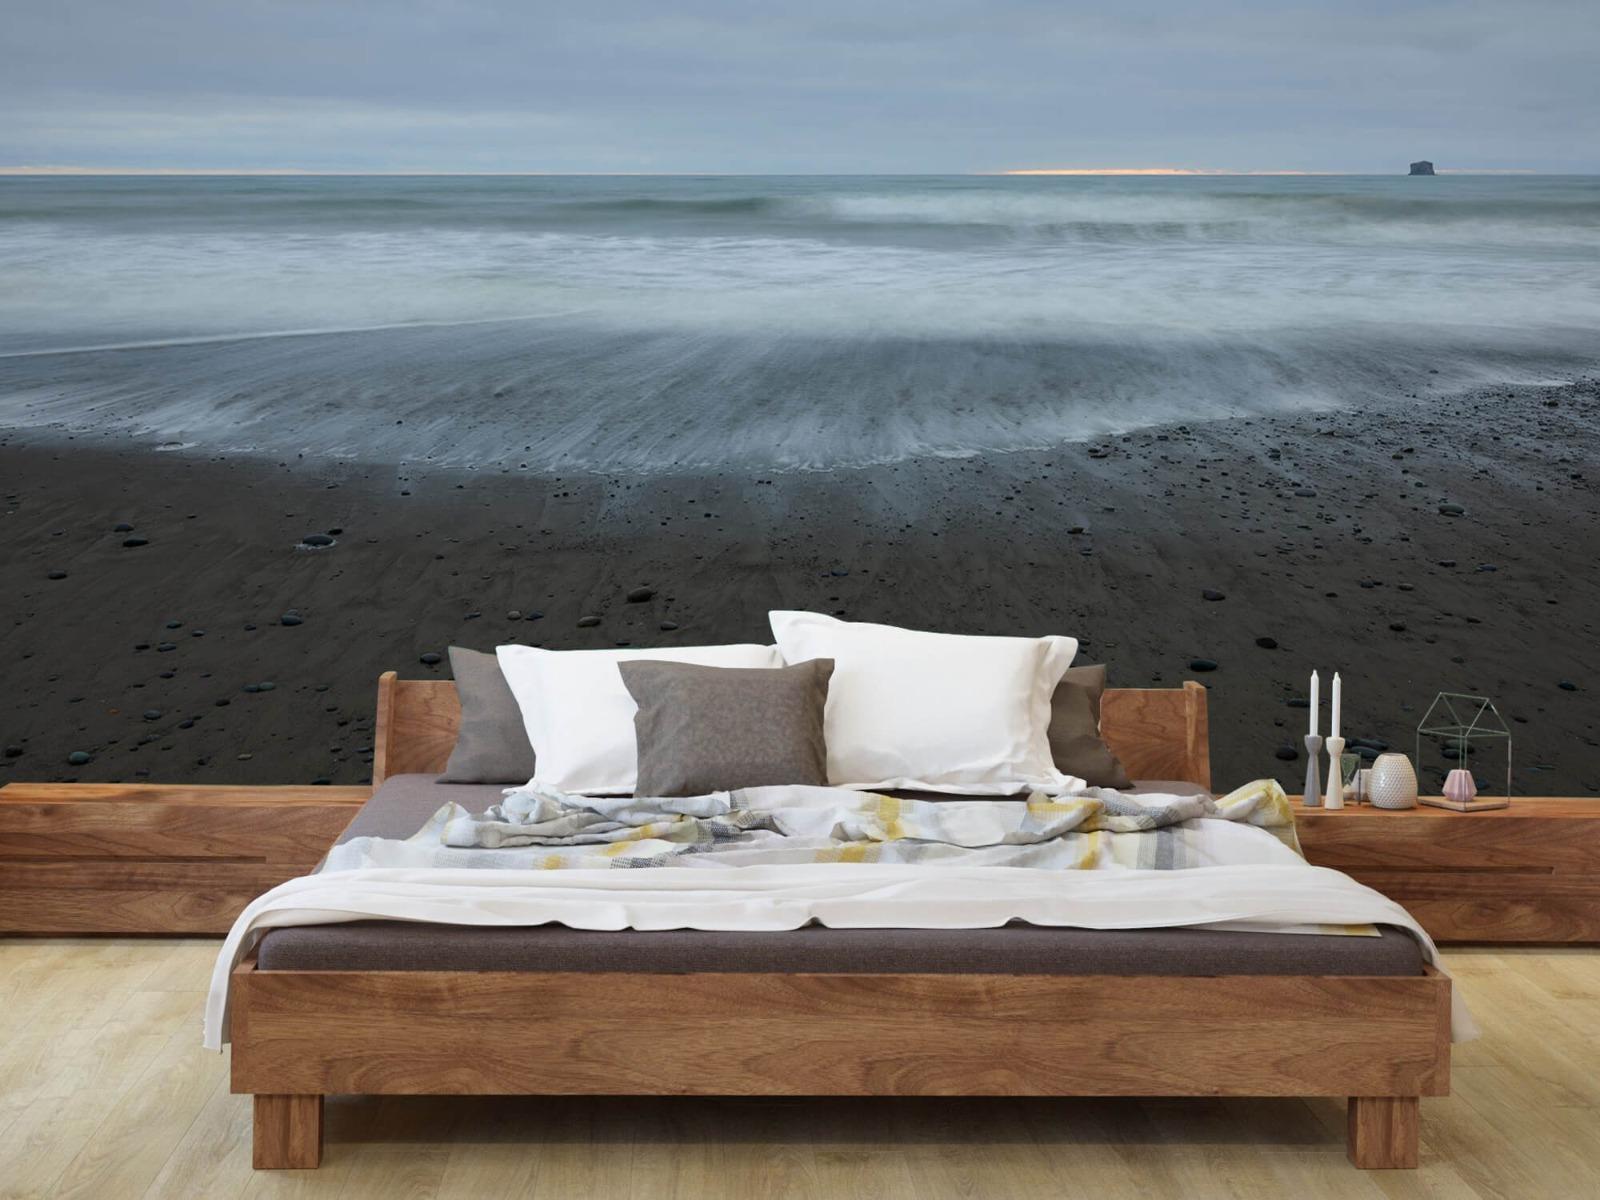 Zeeën en Oceanen - Golven aan het strand - Slaapkamer 10